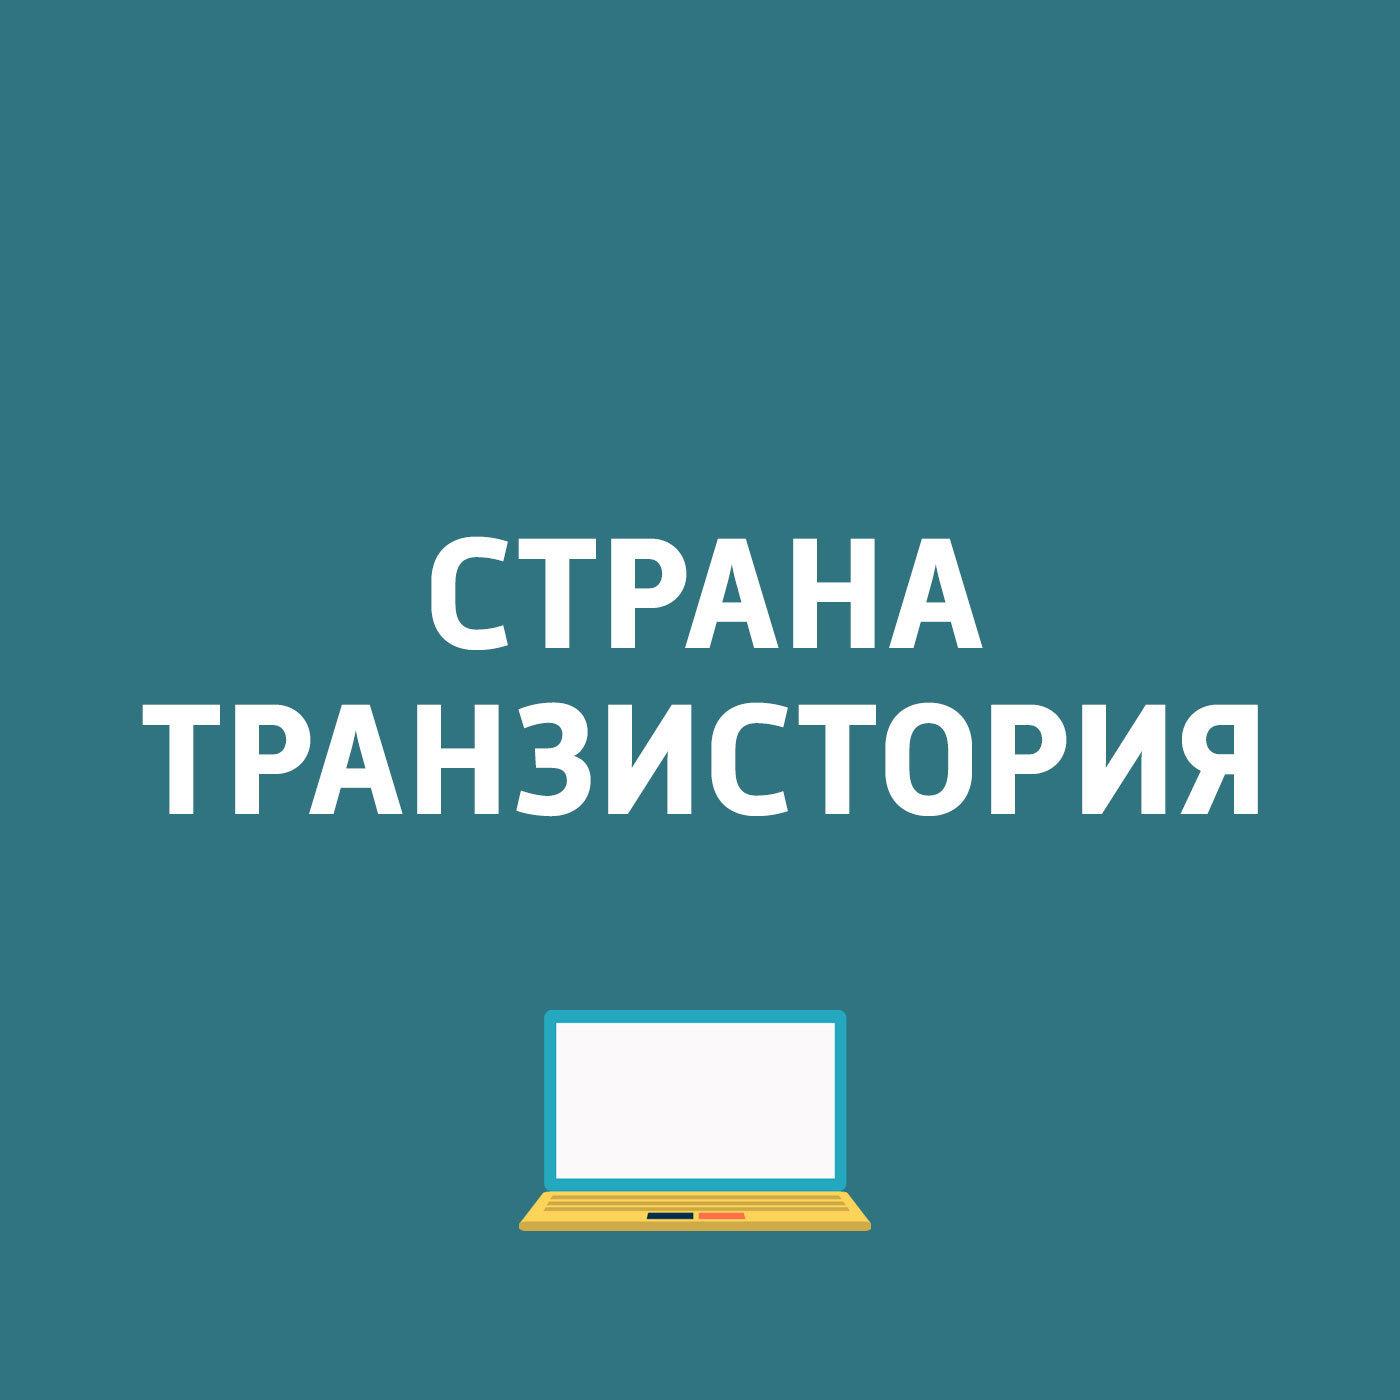 Картаев Павел О презентации в Сочи компании Sony и новые правила Инстраграм монокуляр ночного видения диполь 126 2